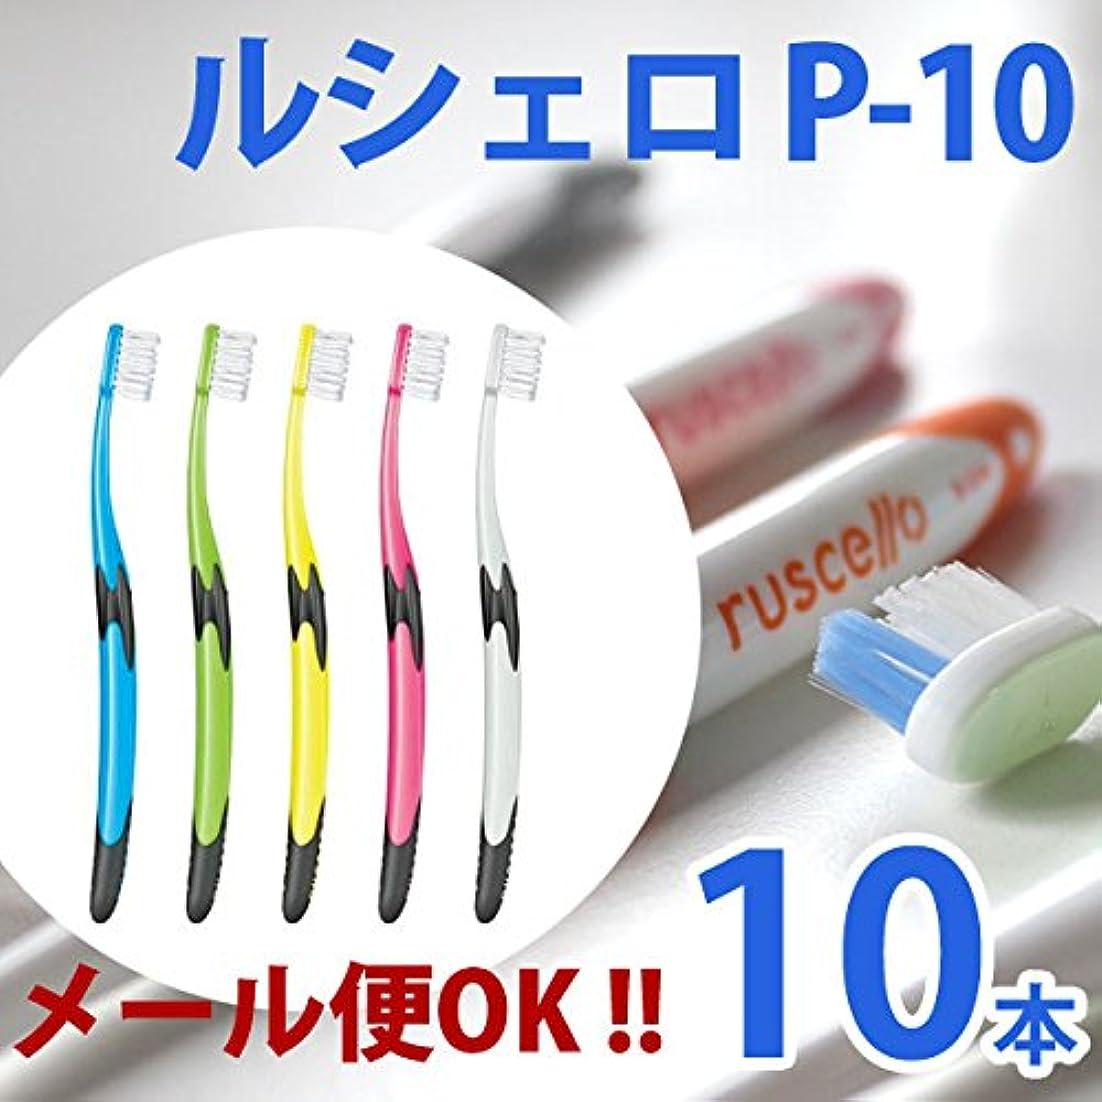 喜び産地お酢ルシェロ GCシェロ 歯ブラシP-10 5色アソート 10本セット 歯周疾患の方向け。極細のテーパー毛が S